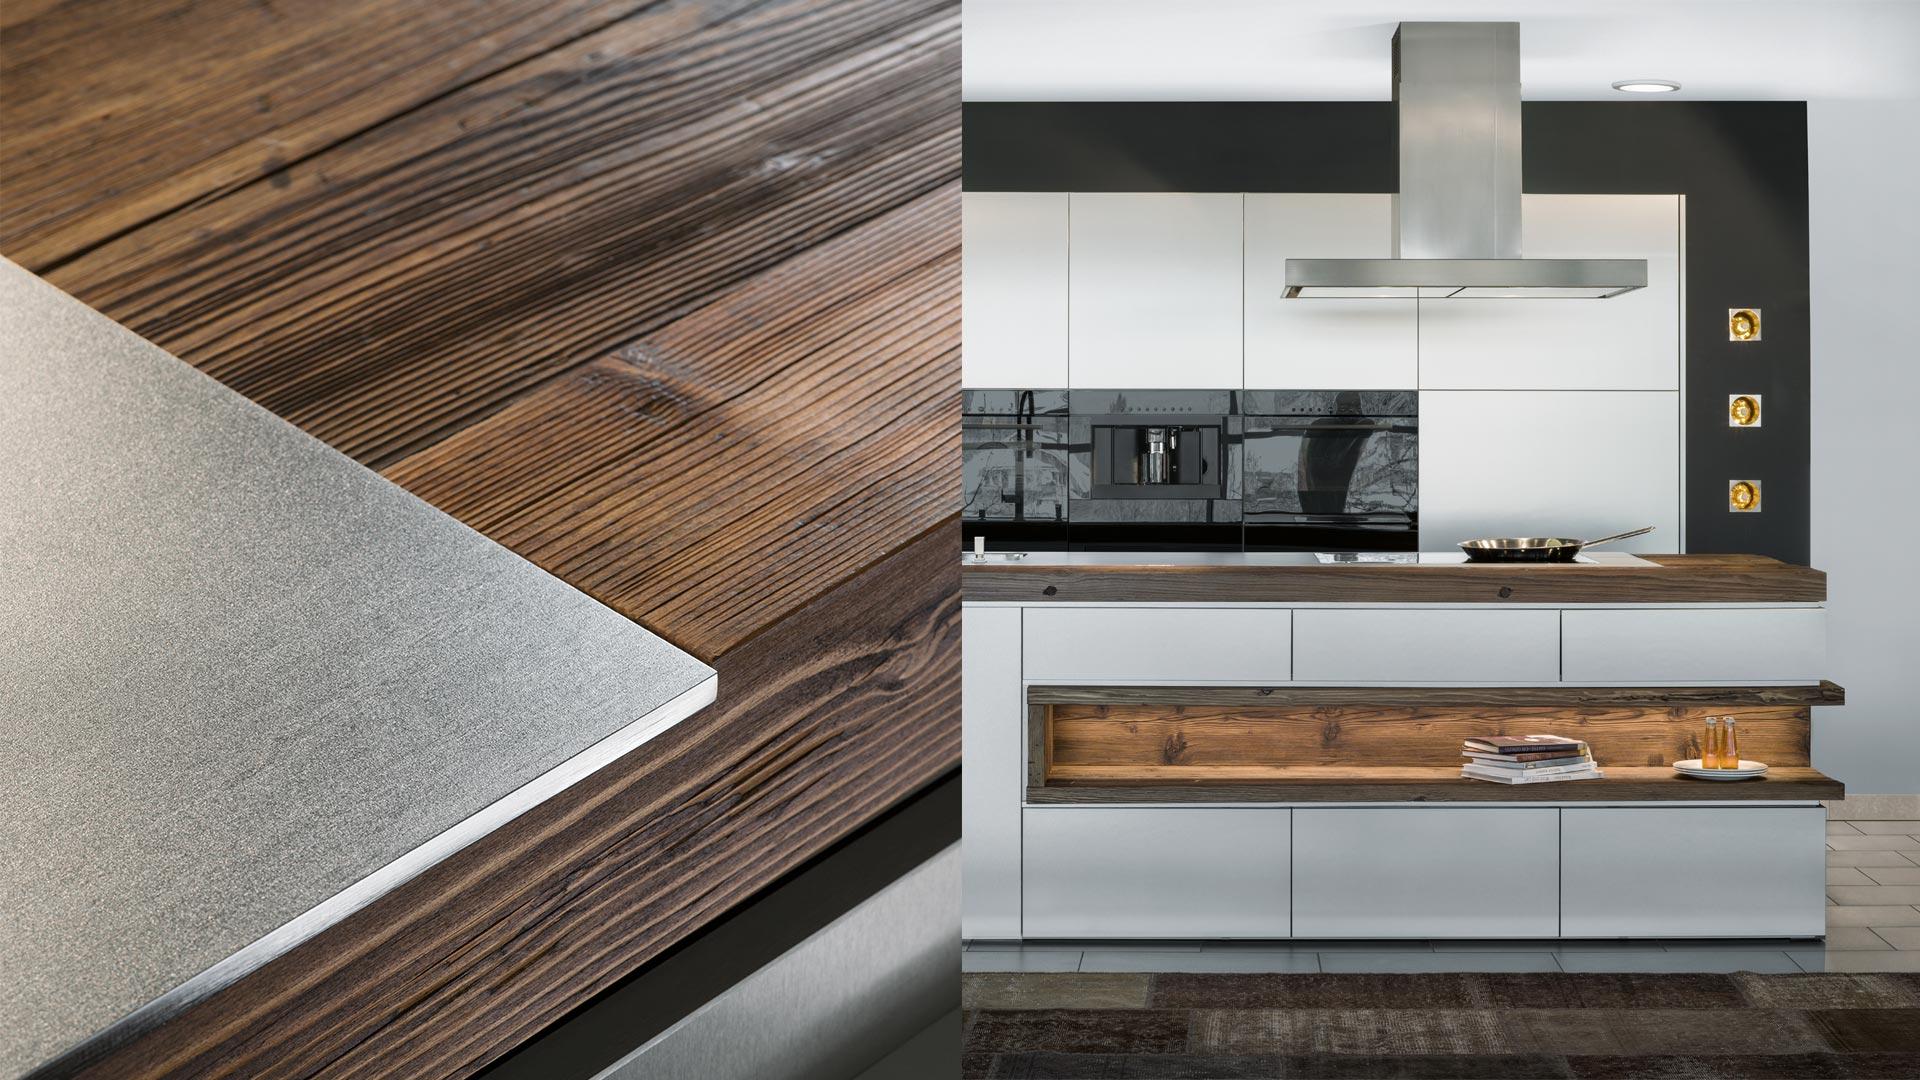 Idee : küche schwarz eiche küche schwarz as well as küche schwarz ...